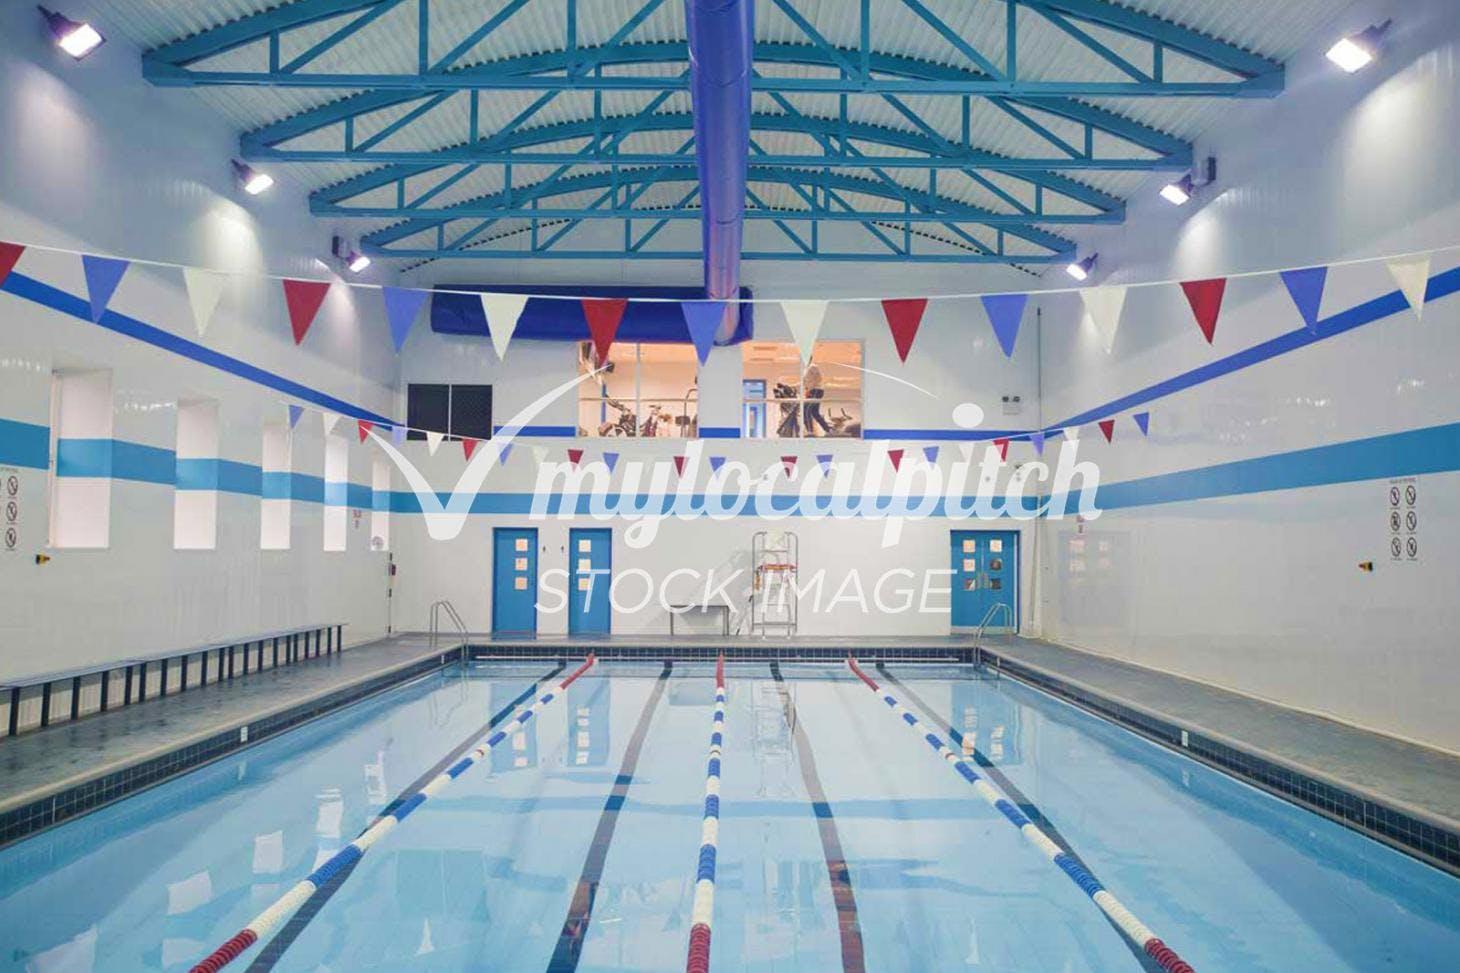 Sportslink Indoor swimming pool